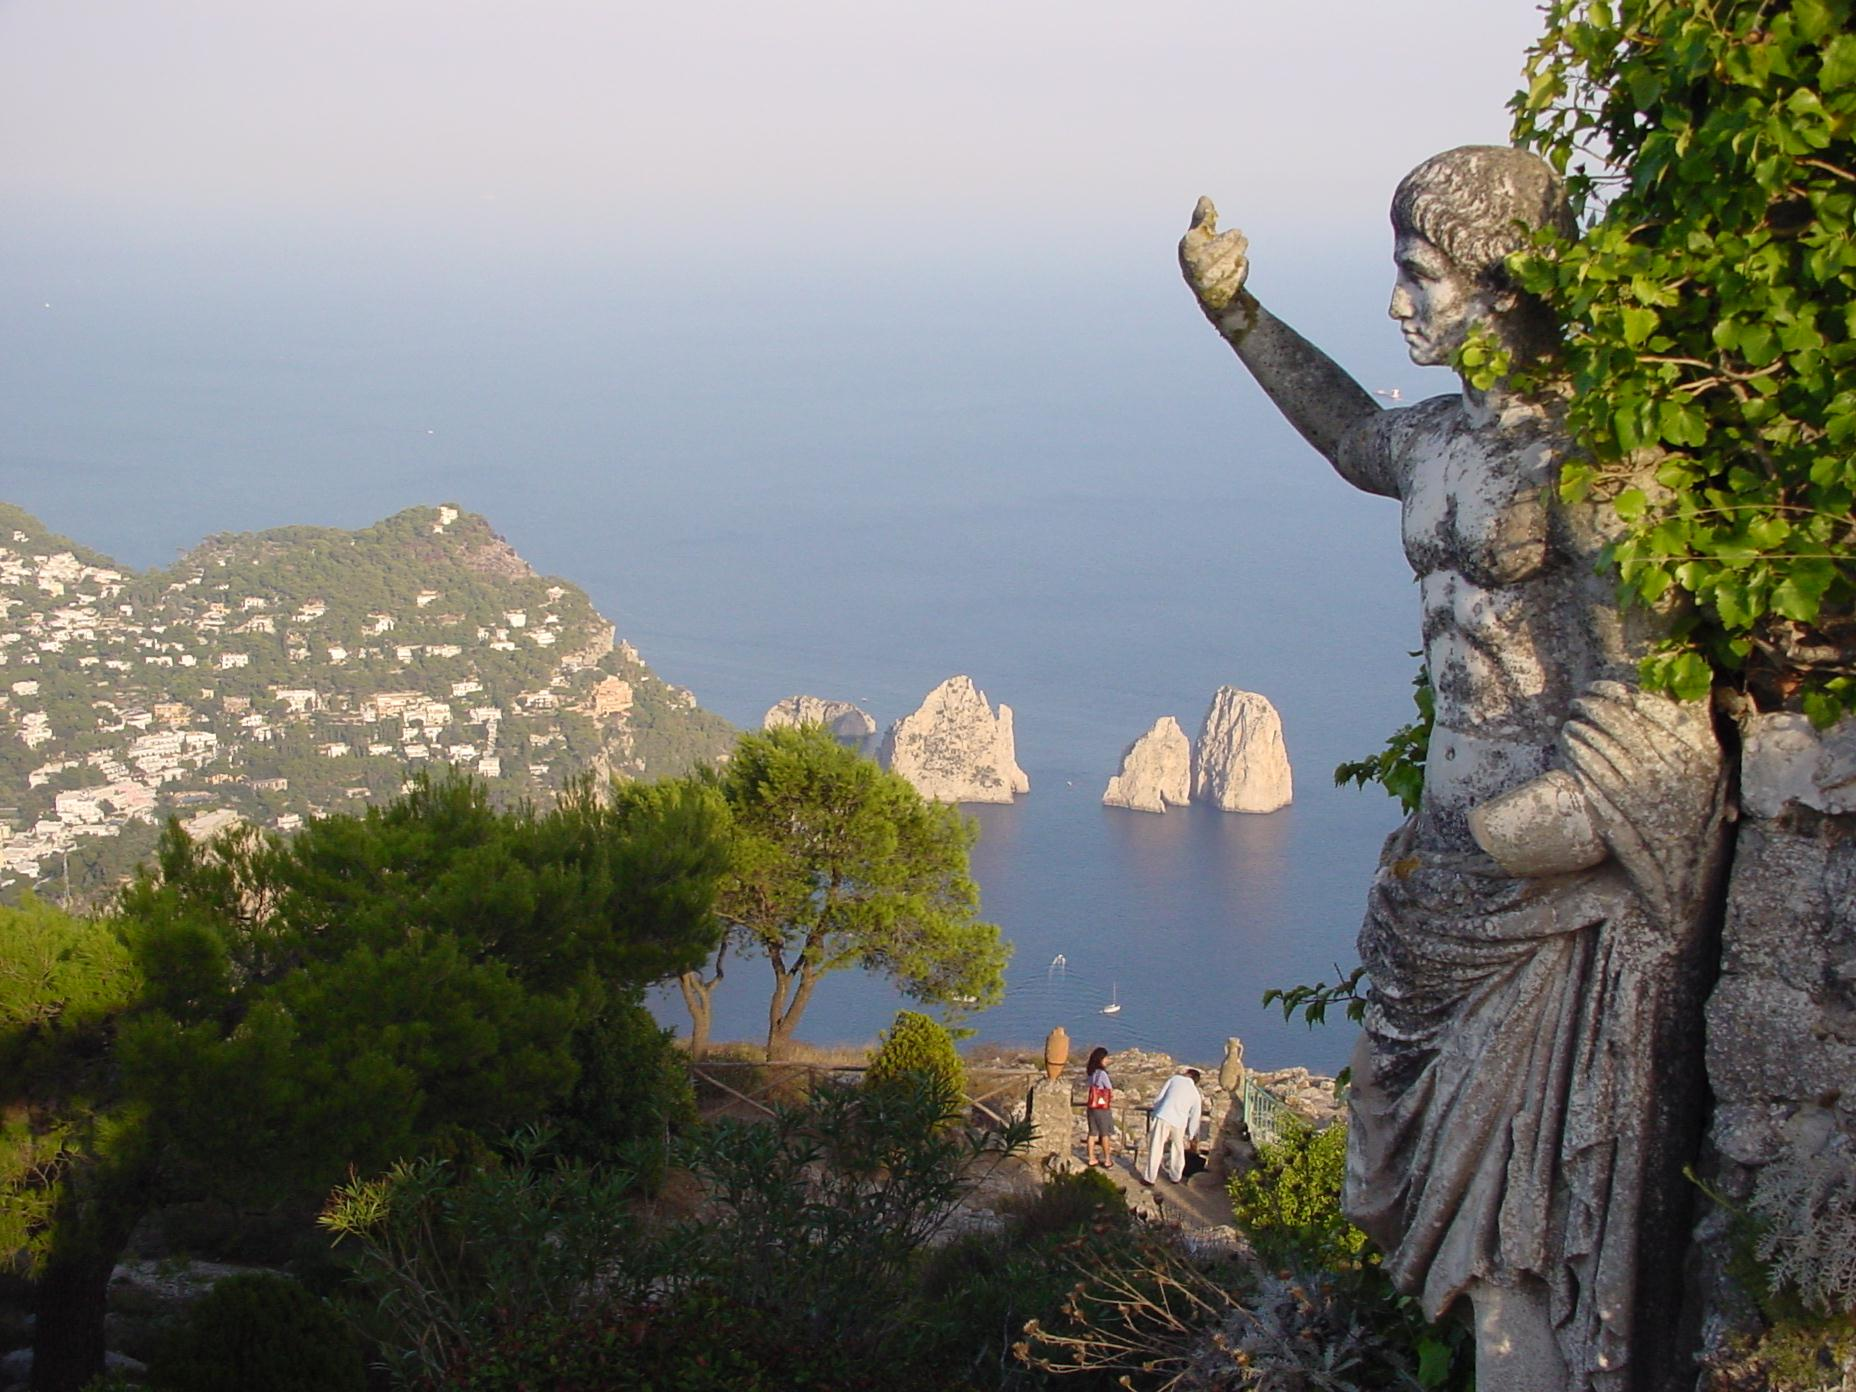 Vue de l'île de Capri, dernière retraite de Tibère